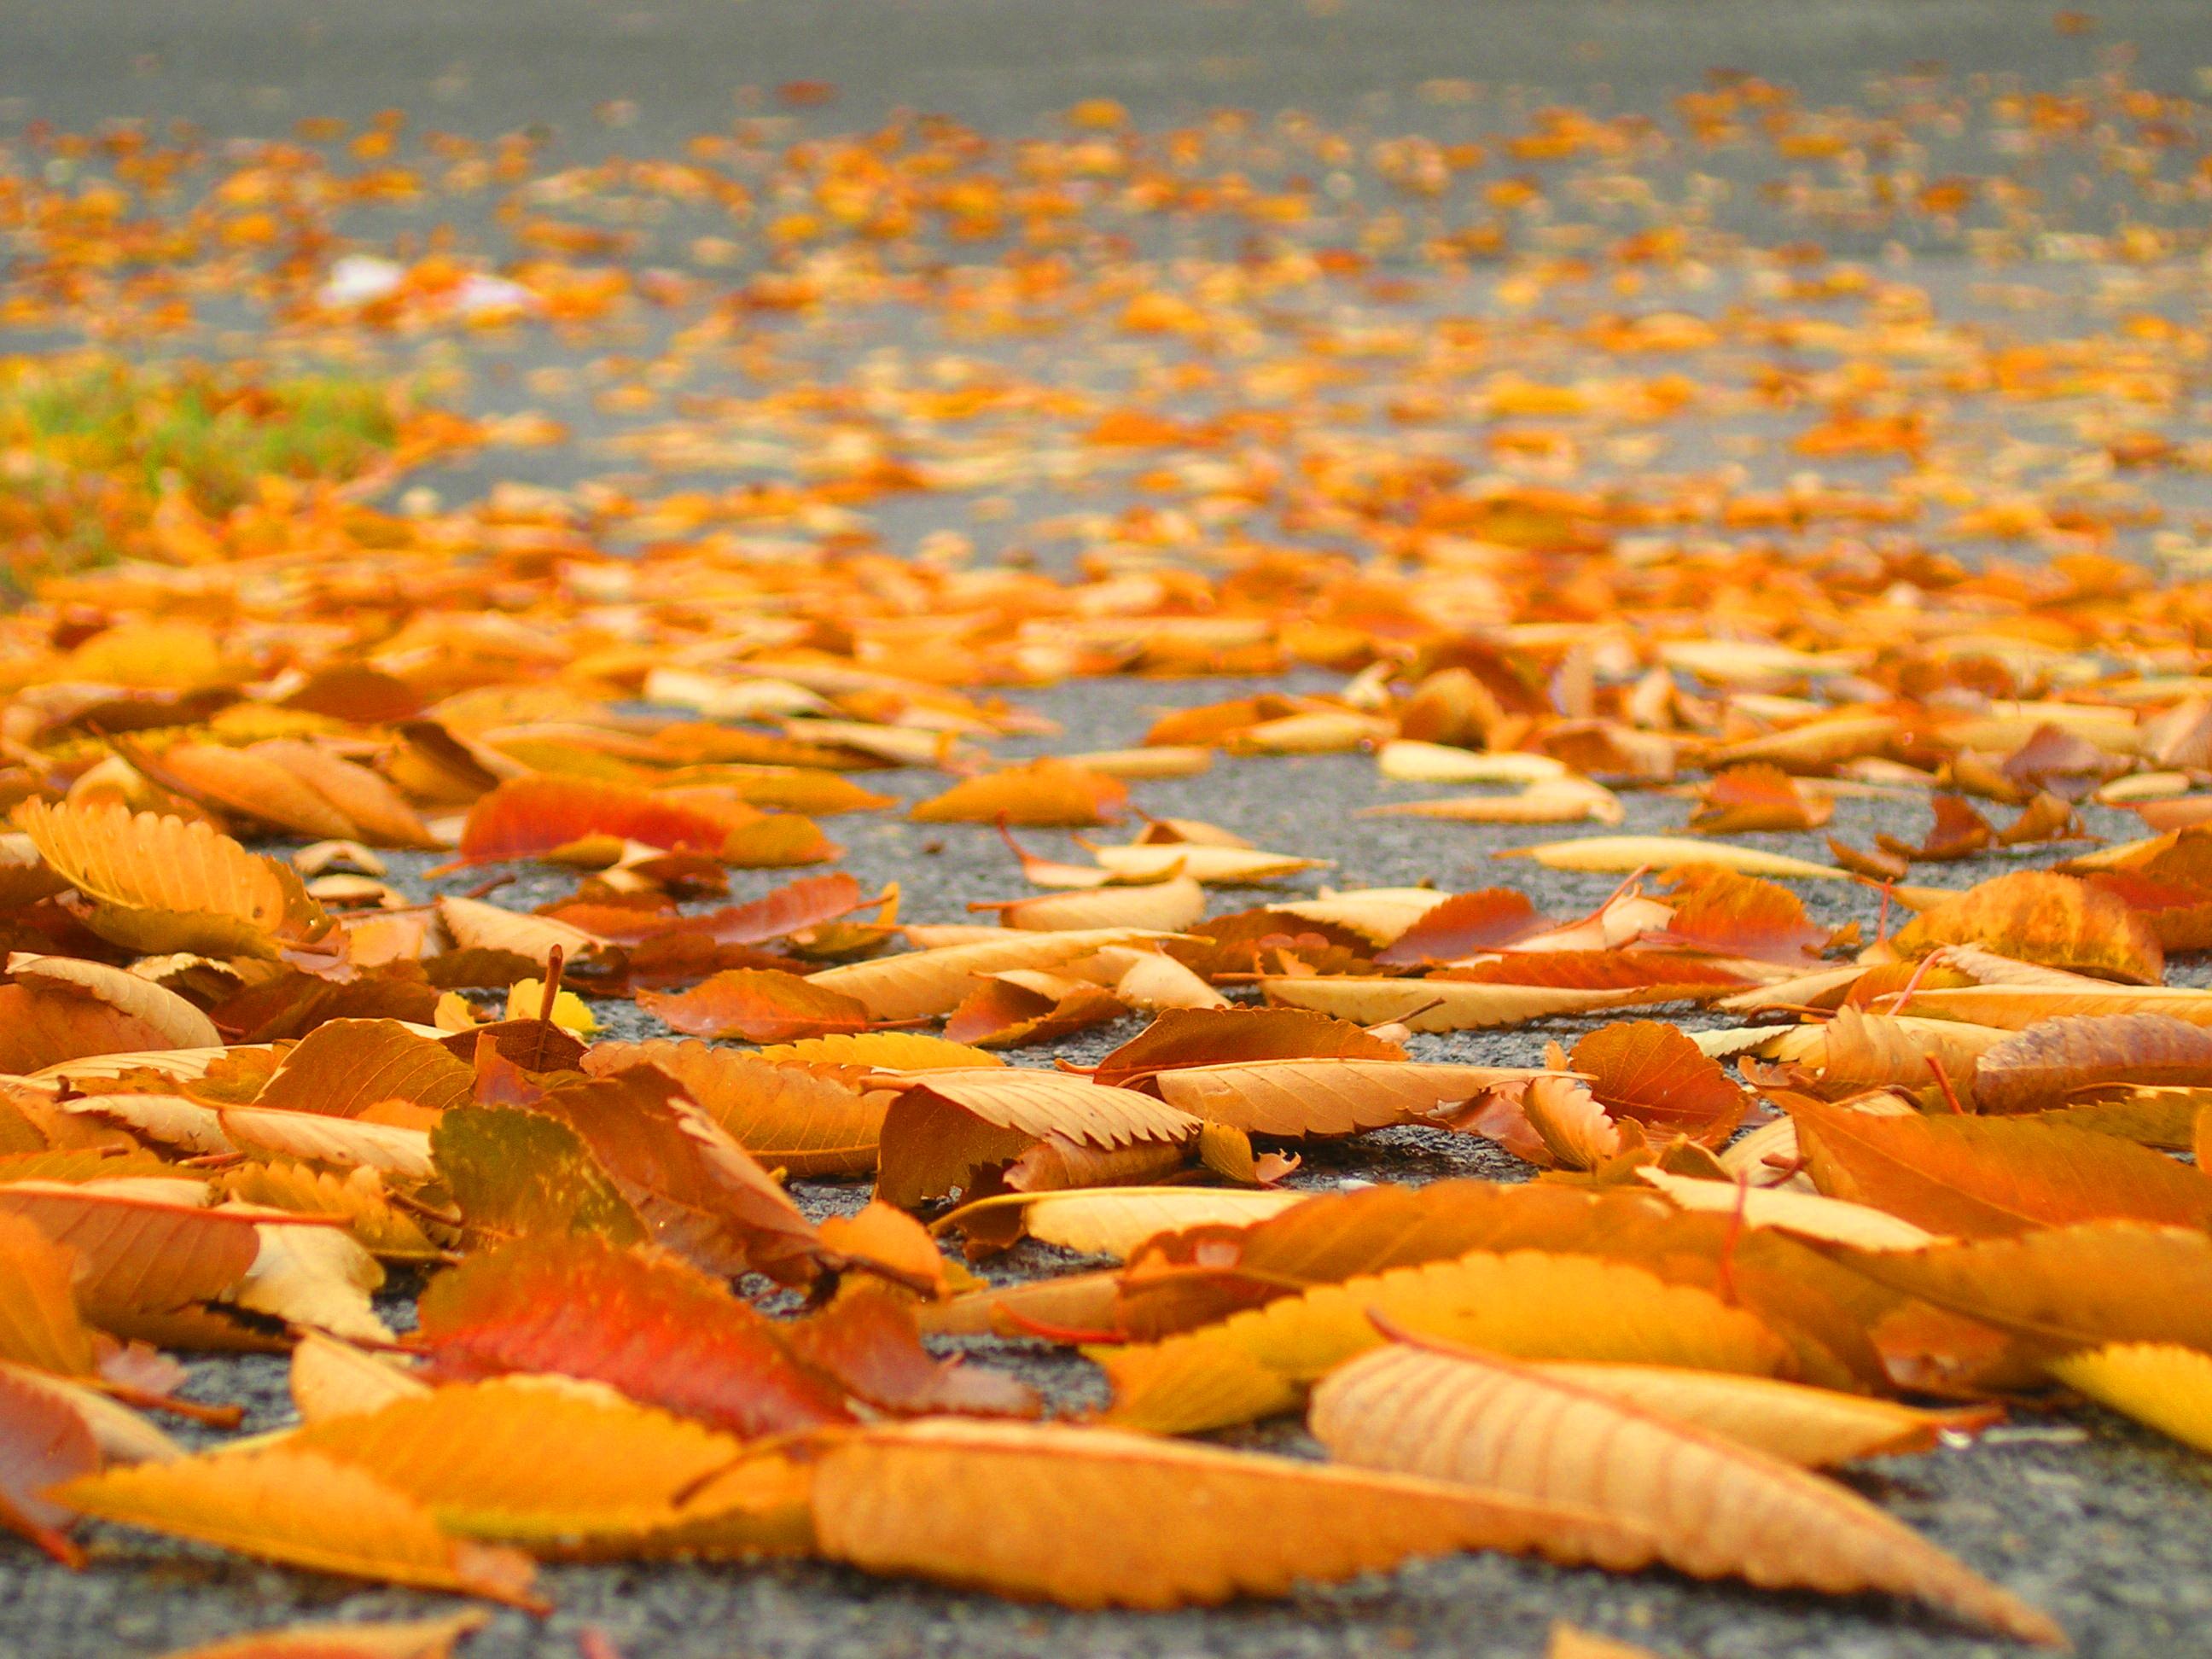 File:Fallen Leaves.jpg - Wikimedia Commons